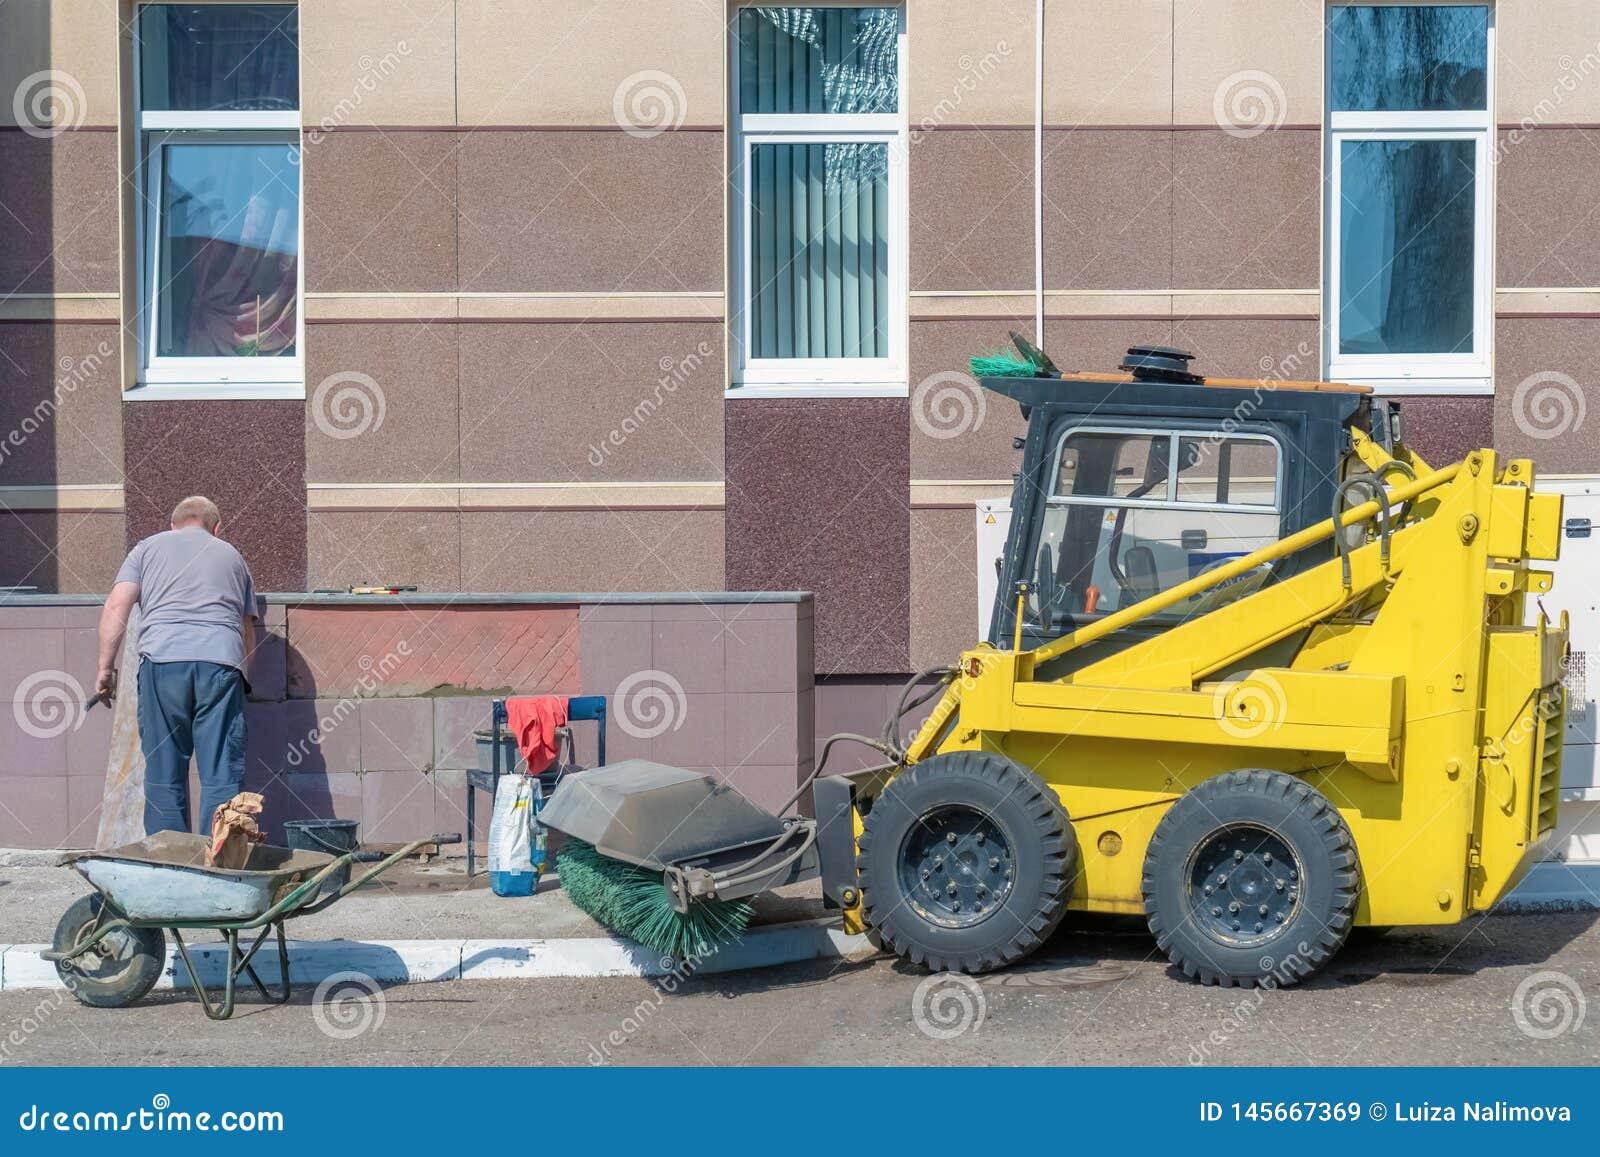 La Russie, Kazan - 12 avril 2019 : Un homme plus âgé étend des tuiles sur un mur dehors